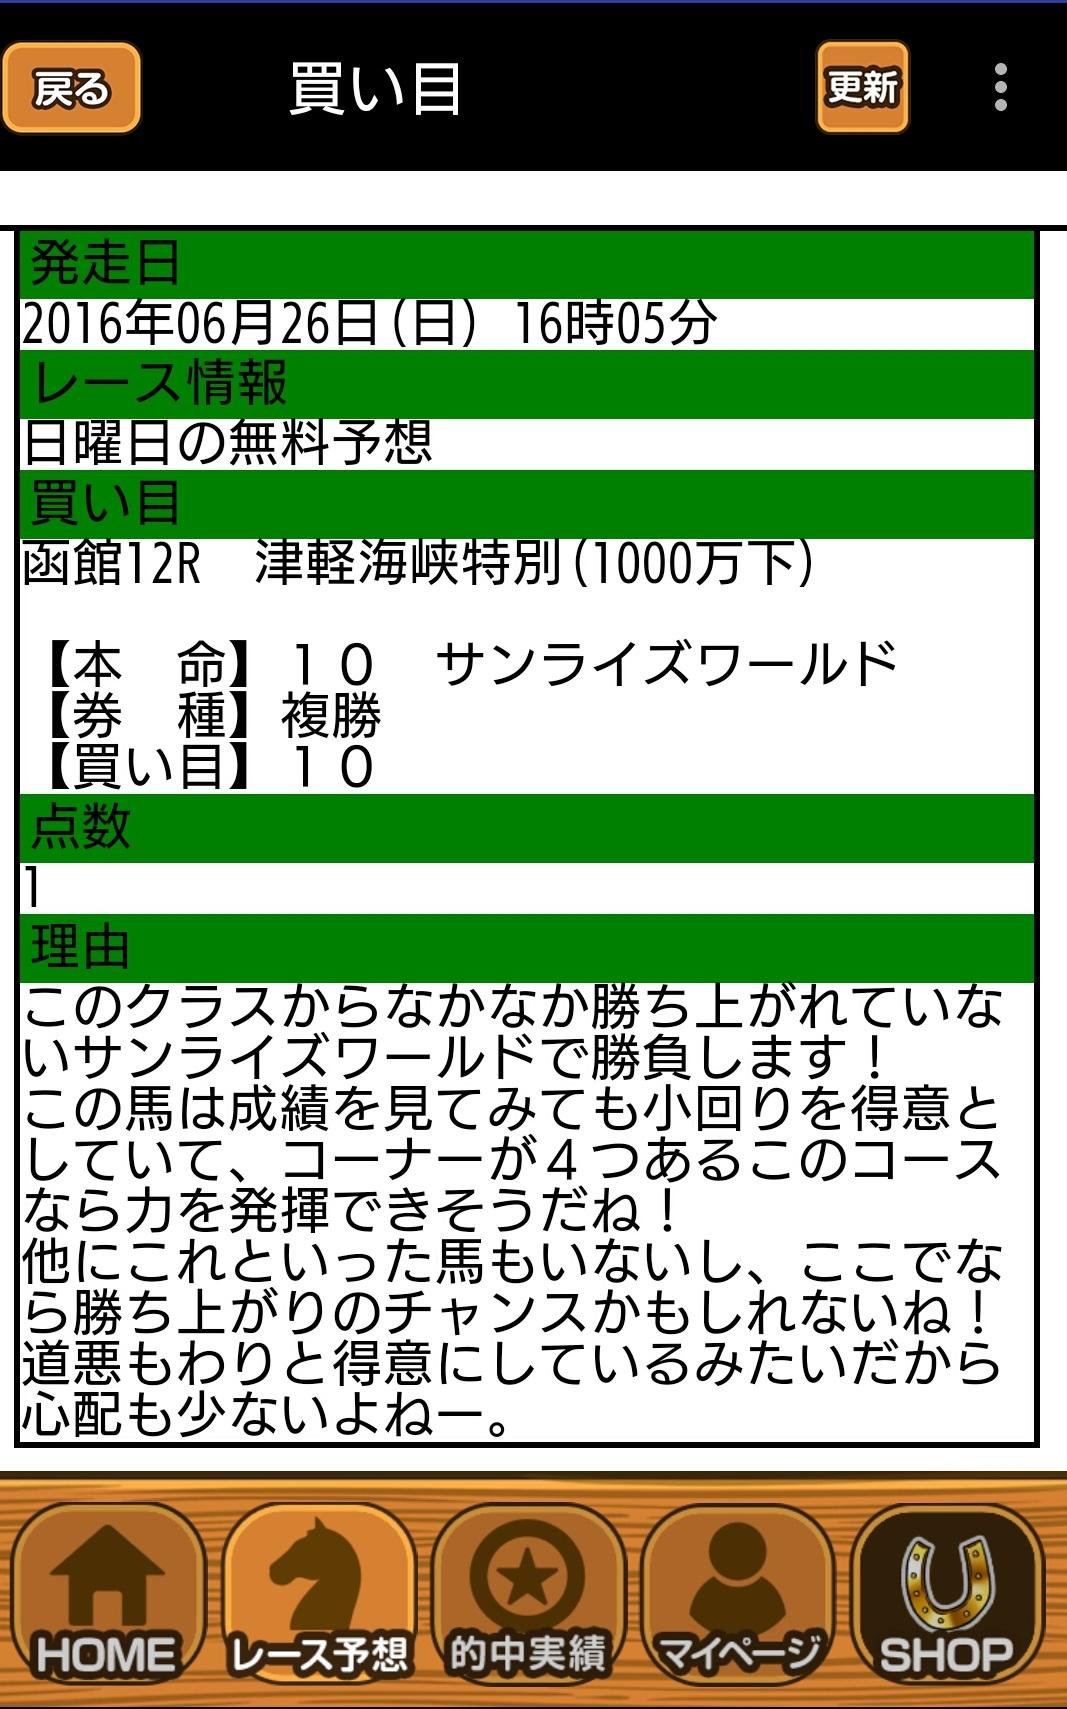 函館12R 無料情報